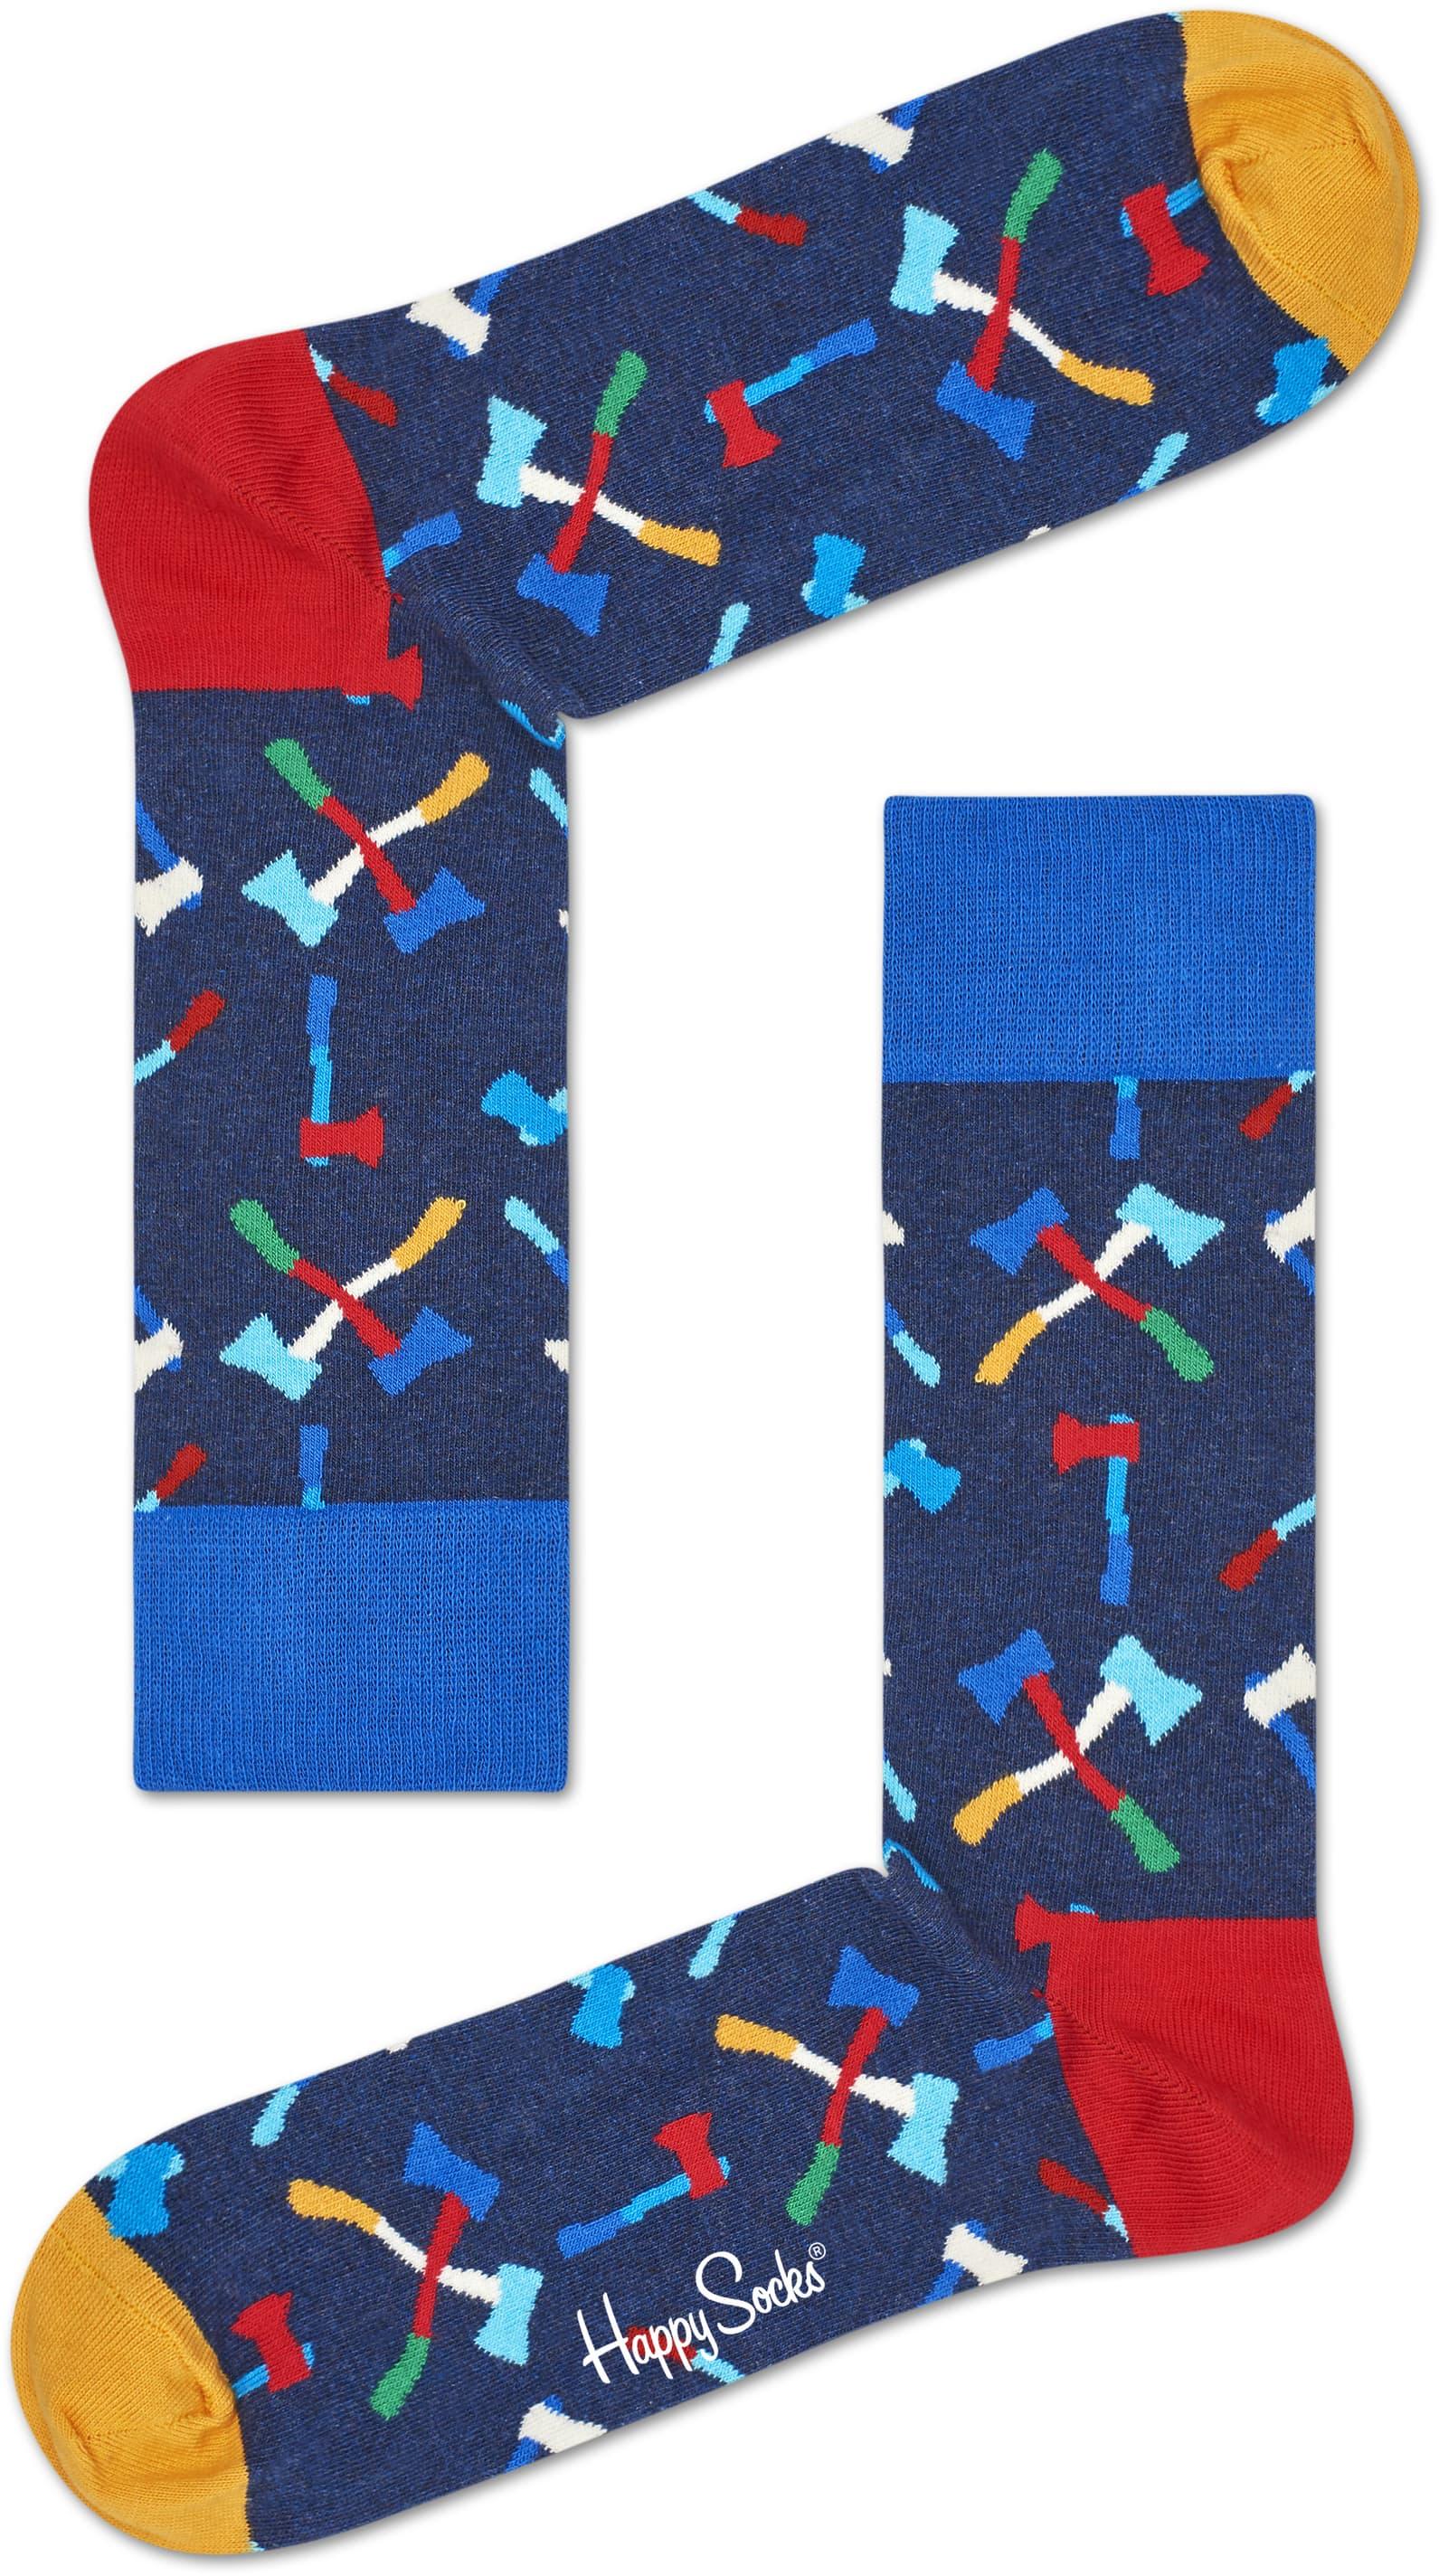 Happy Socks Hakbijl foto 0